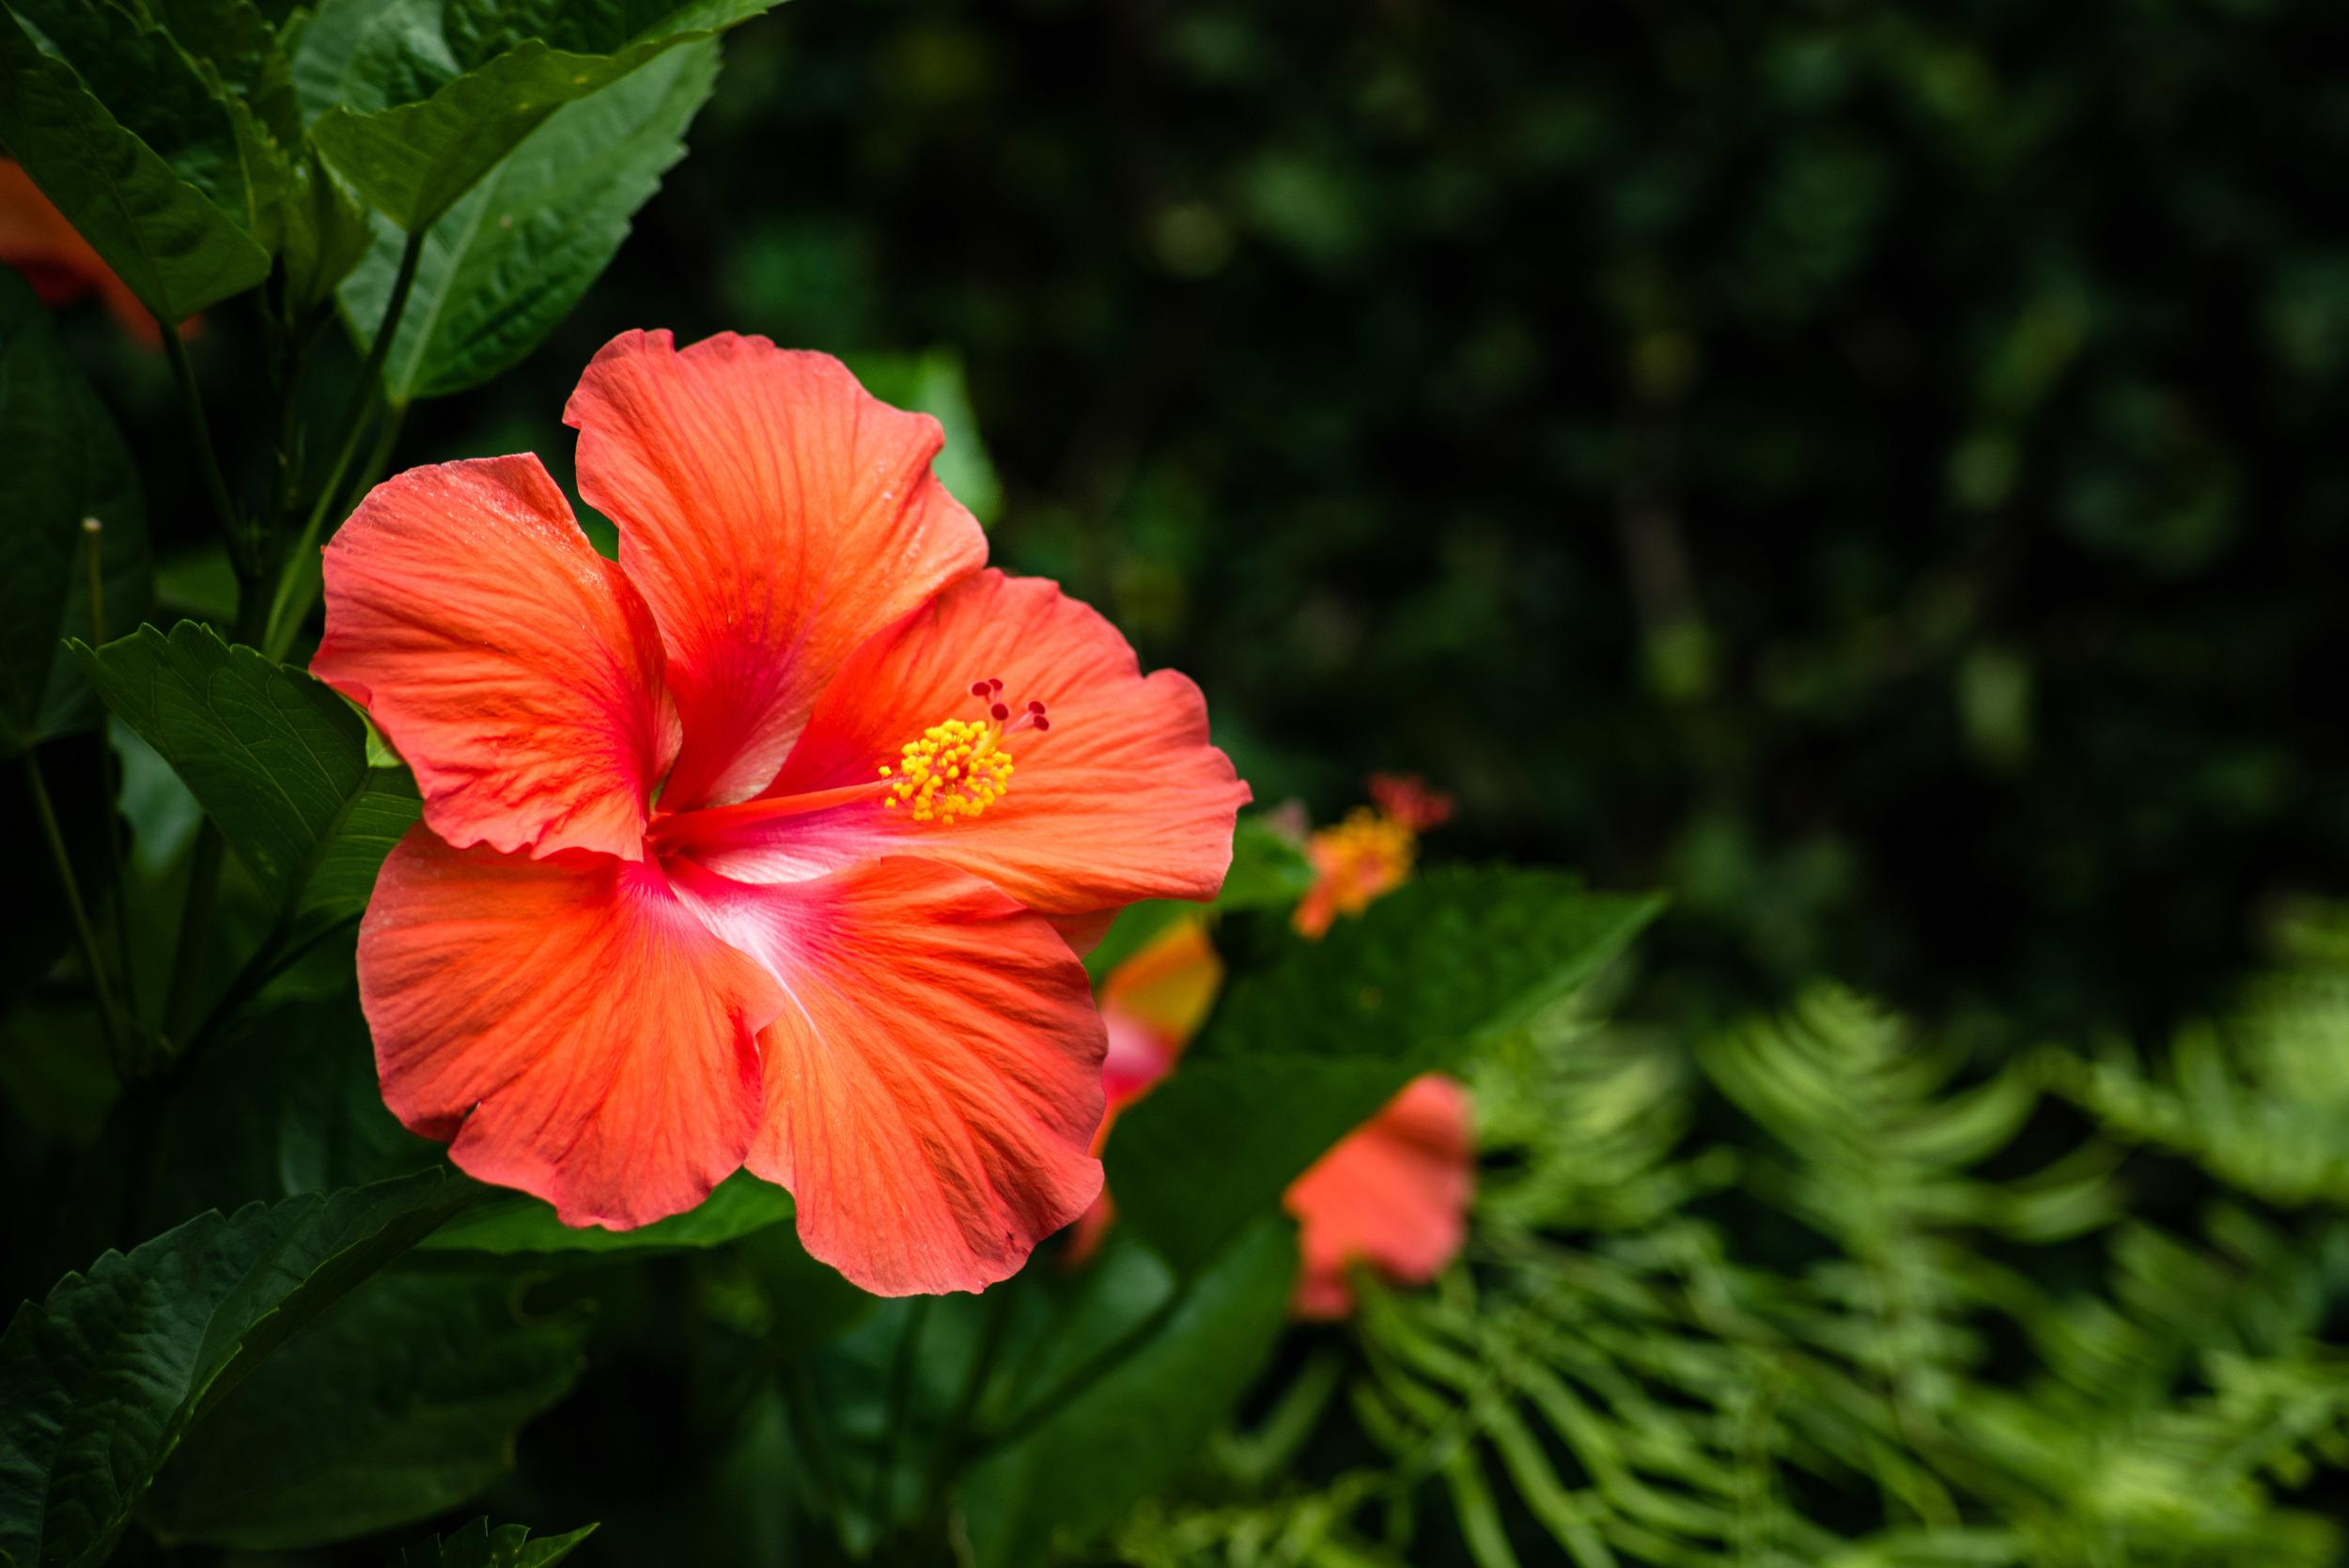 brookgreen garden myrtle beach-46.jpg